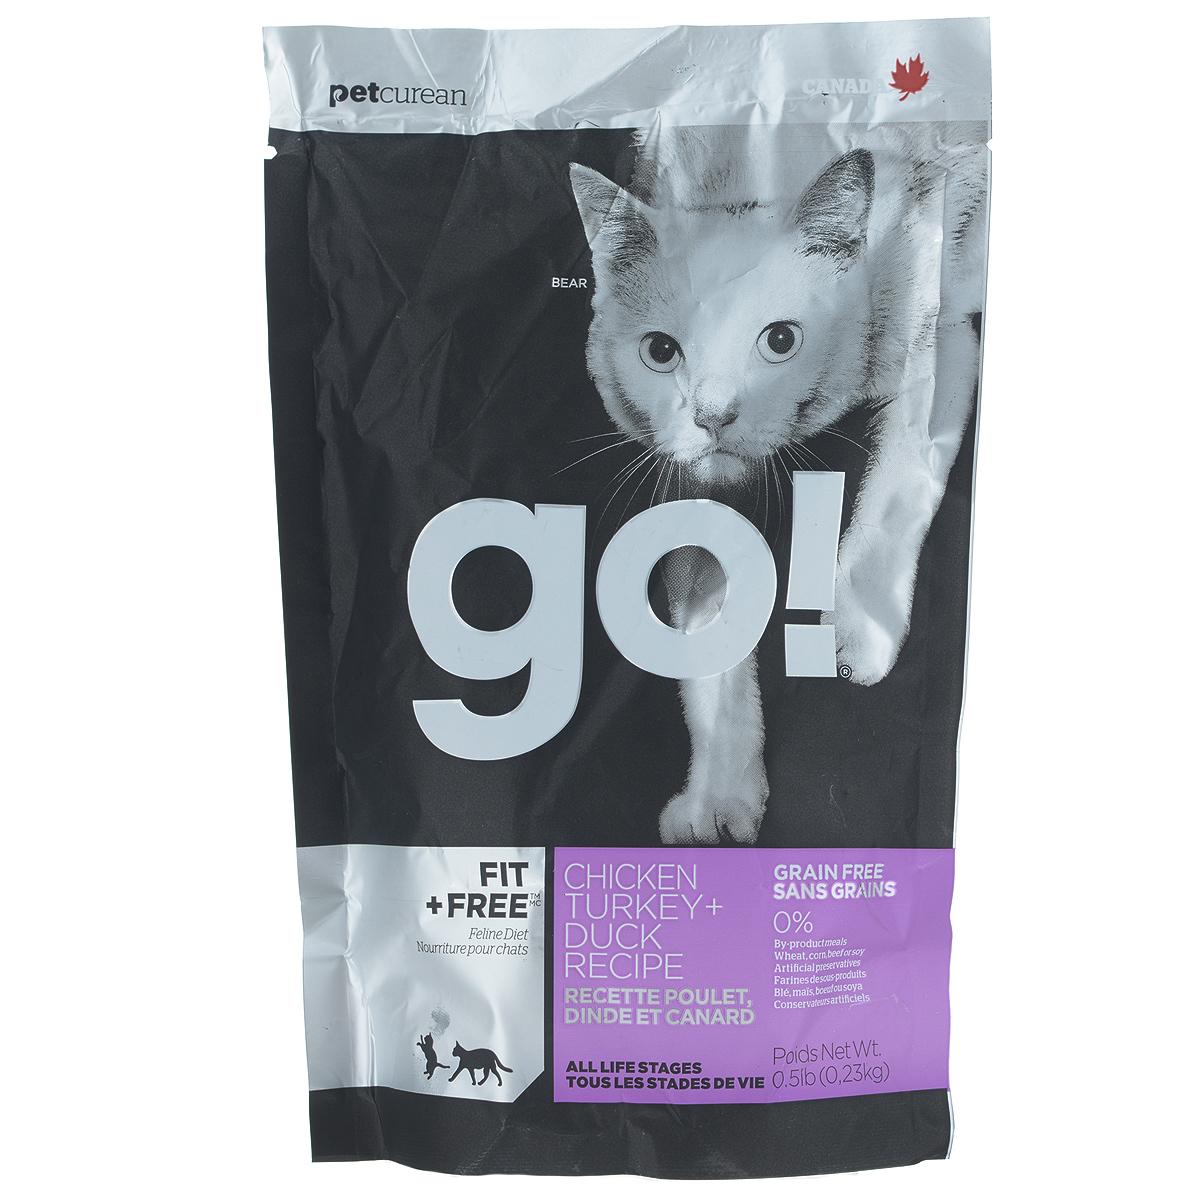 Корм сухой Go! для кошек и котят, беззерновой, с курицей, индейкой, уткой и лососем, 230 г20030Беззерновой сухой корм Go! для котят и кошек - это корм со сбалансированным содержание белков и жиров. Ключевые преимущества: - Полностью беззерновой, - Небольшое количество углеводов гарантирует поддержание оптимального веса кошки, - Пробиотики и пребиотики обеспечивают здоровое пищеварение, - Не содержит субпродуктов, красителей, говядины, мясных ингредиентов, выращенных на гормонах, - Таурин необходим для здоровья глаз и нормального функционирования сердечной мышцы, - Докозагексаеновая кислота (DHA) и эйкозапентаеновая кислота (EPA) необходима для нормальной деятельности мозга и здорового зрения, - Омега-масла в составе необходимы для здоровой кожи и шерсти, - Антиоксиданты укрепляют иммунную систему. Состав: свежее мясо курицы, филе курицы, филе индейки, утиное филе, свежее мясо индейки, свежее мясо лосося, филе форели, куриный жир (источник витамина Е), натуральный рыбный ароматизатор, горошек,...